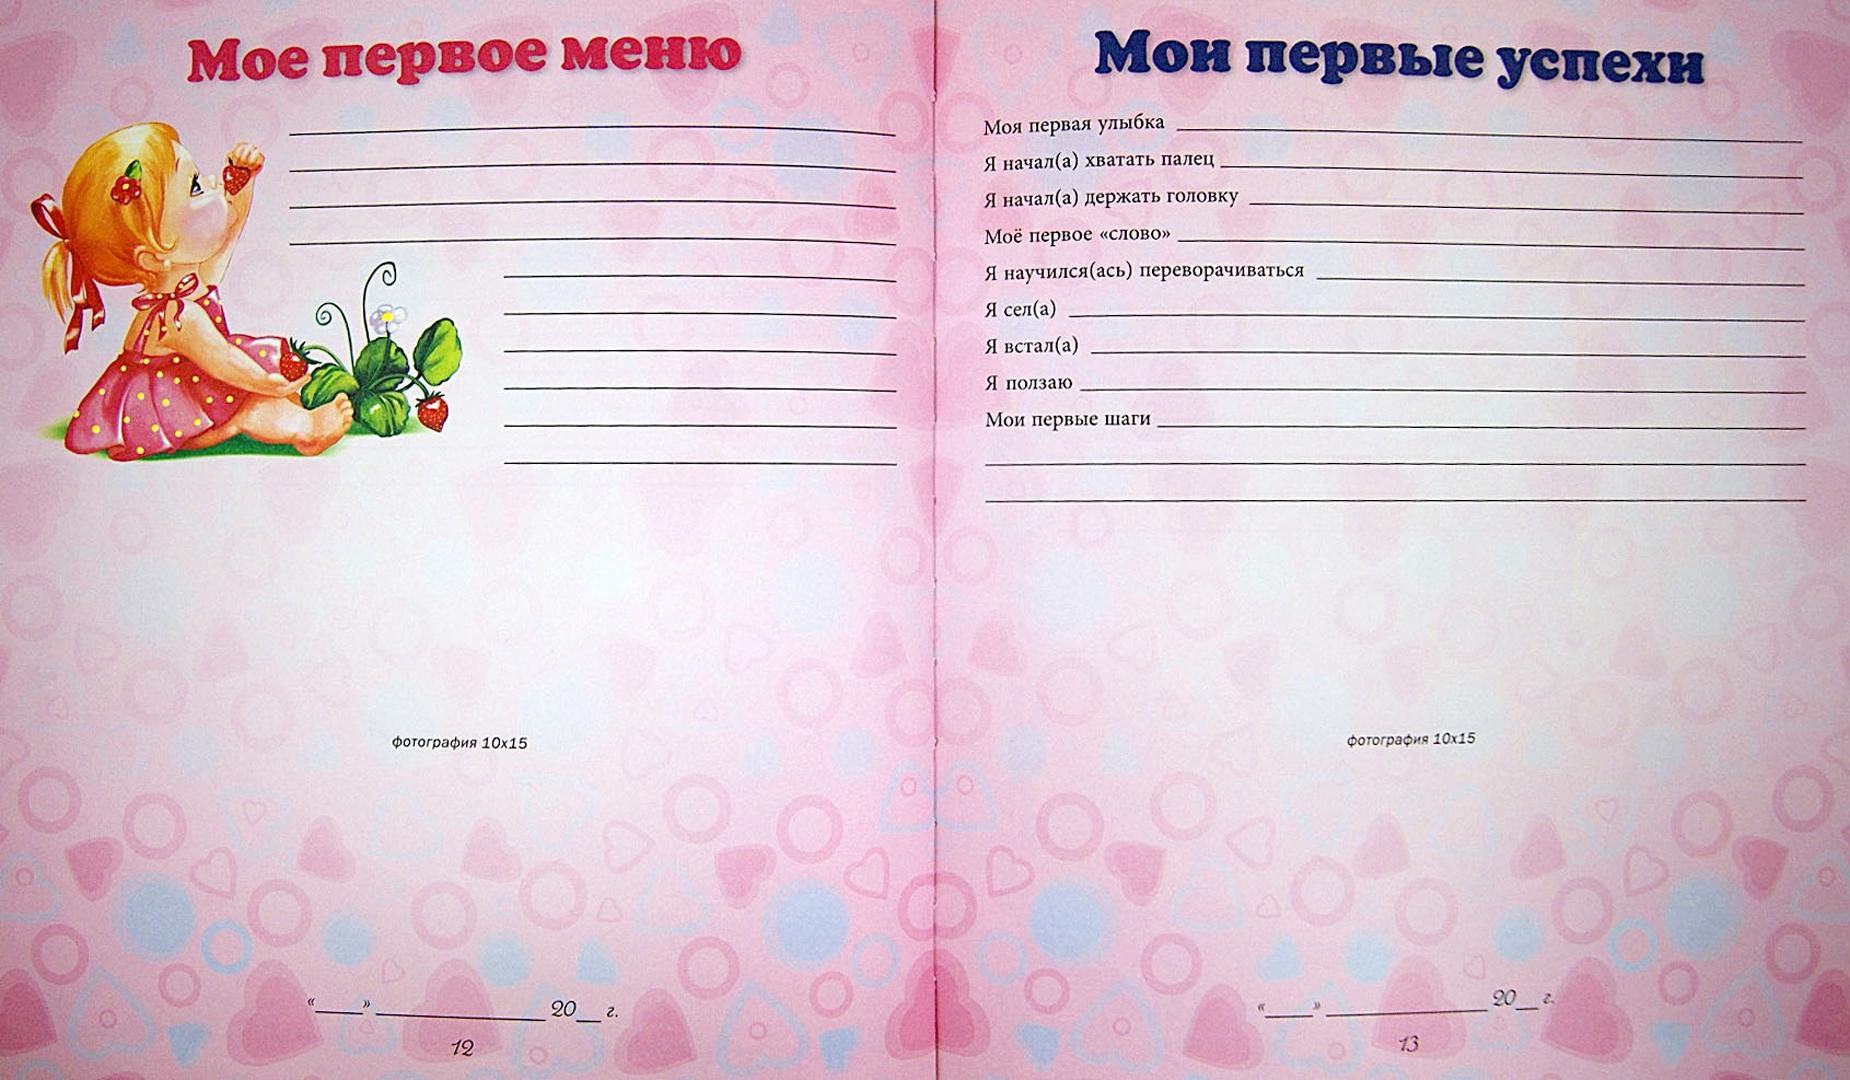 Иллюстрация 1 из 11 для Самый первый альбом нашего малыша - Юлия Феданова | Лабиринт - сувениры. Источник: Лабиринт